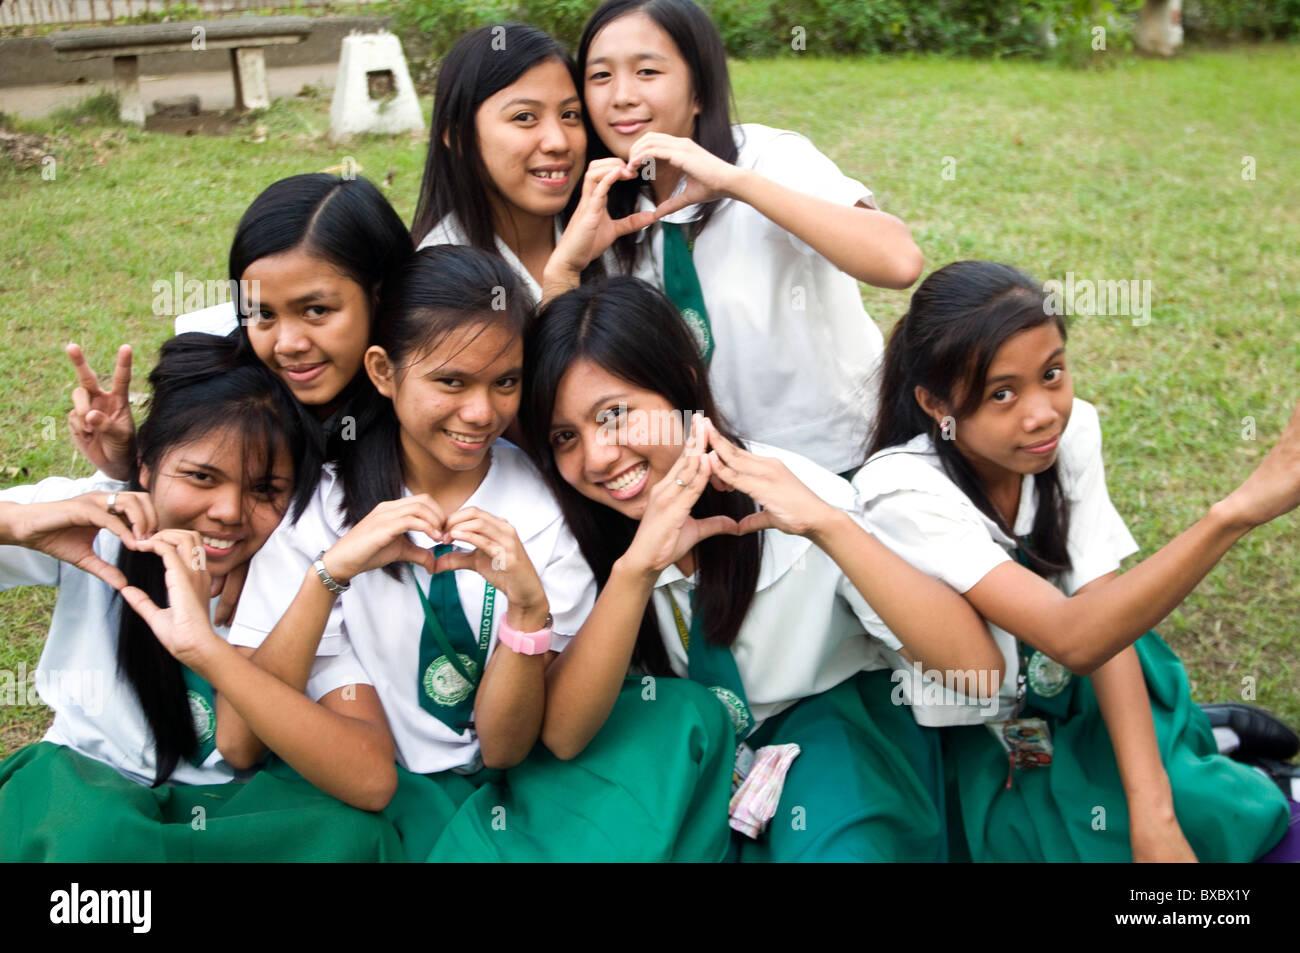 Iloilo girls